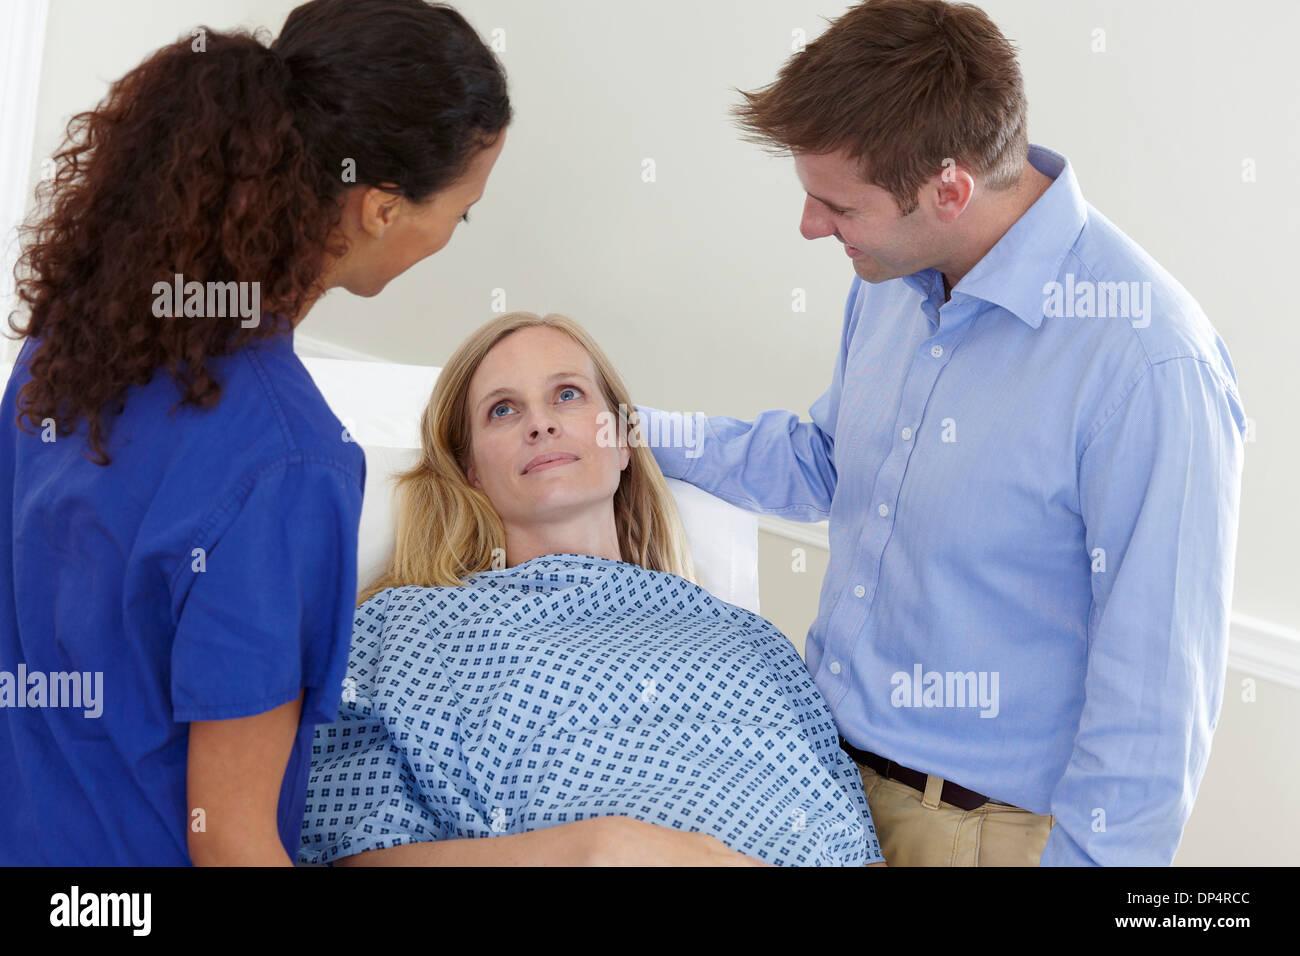 Woman preparing for medical procedure - Stock Image